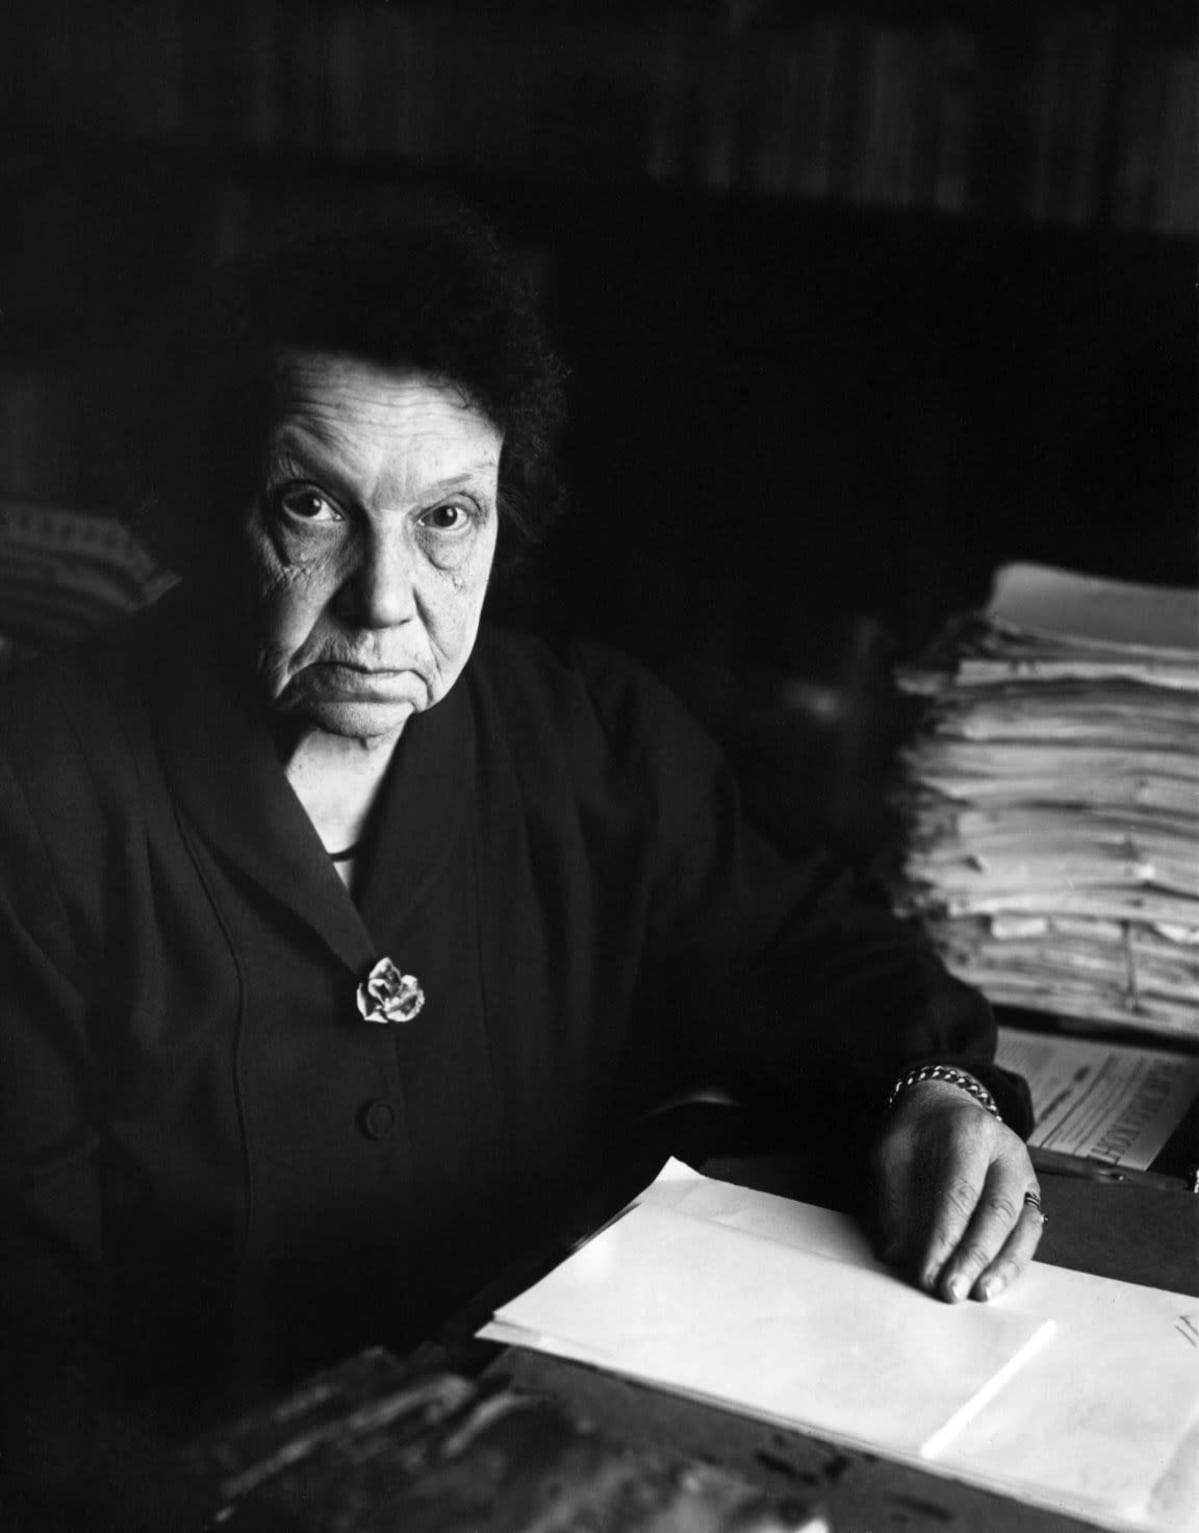 Kirjailija L. Onerva 1950-luvulla